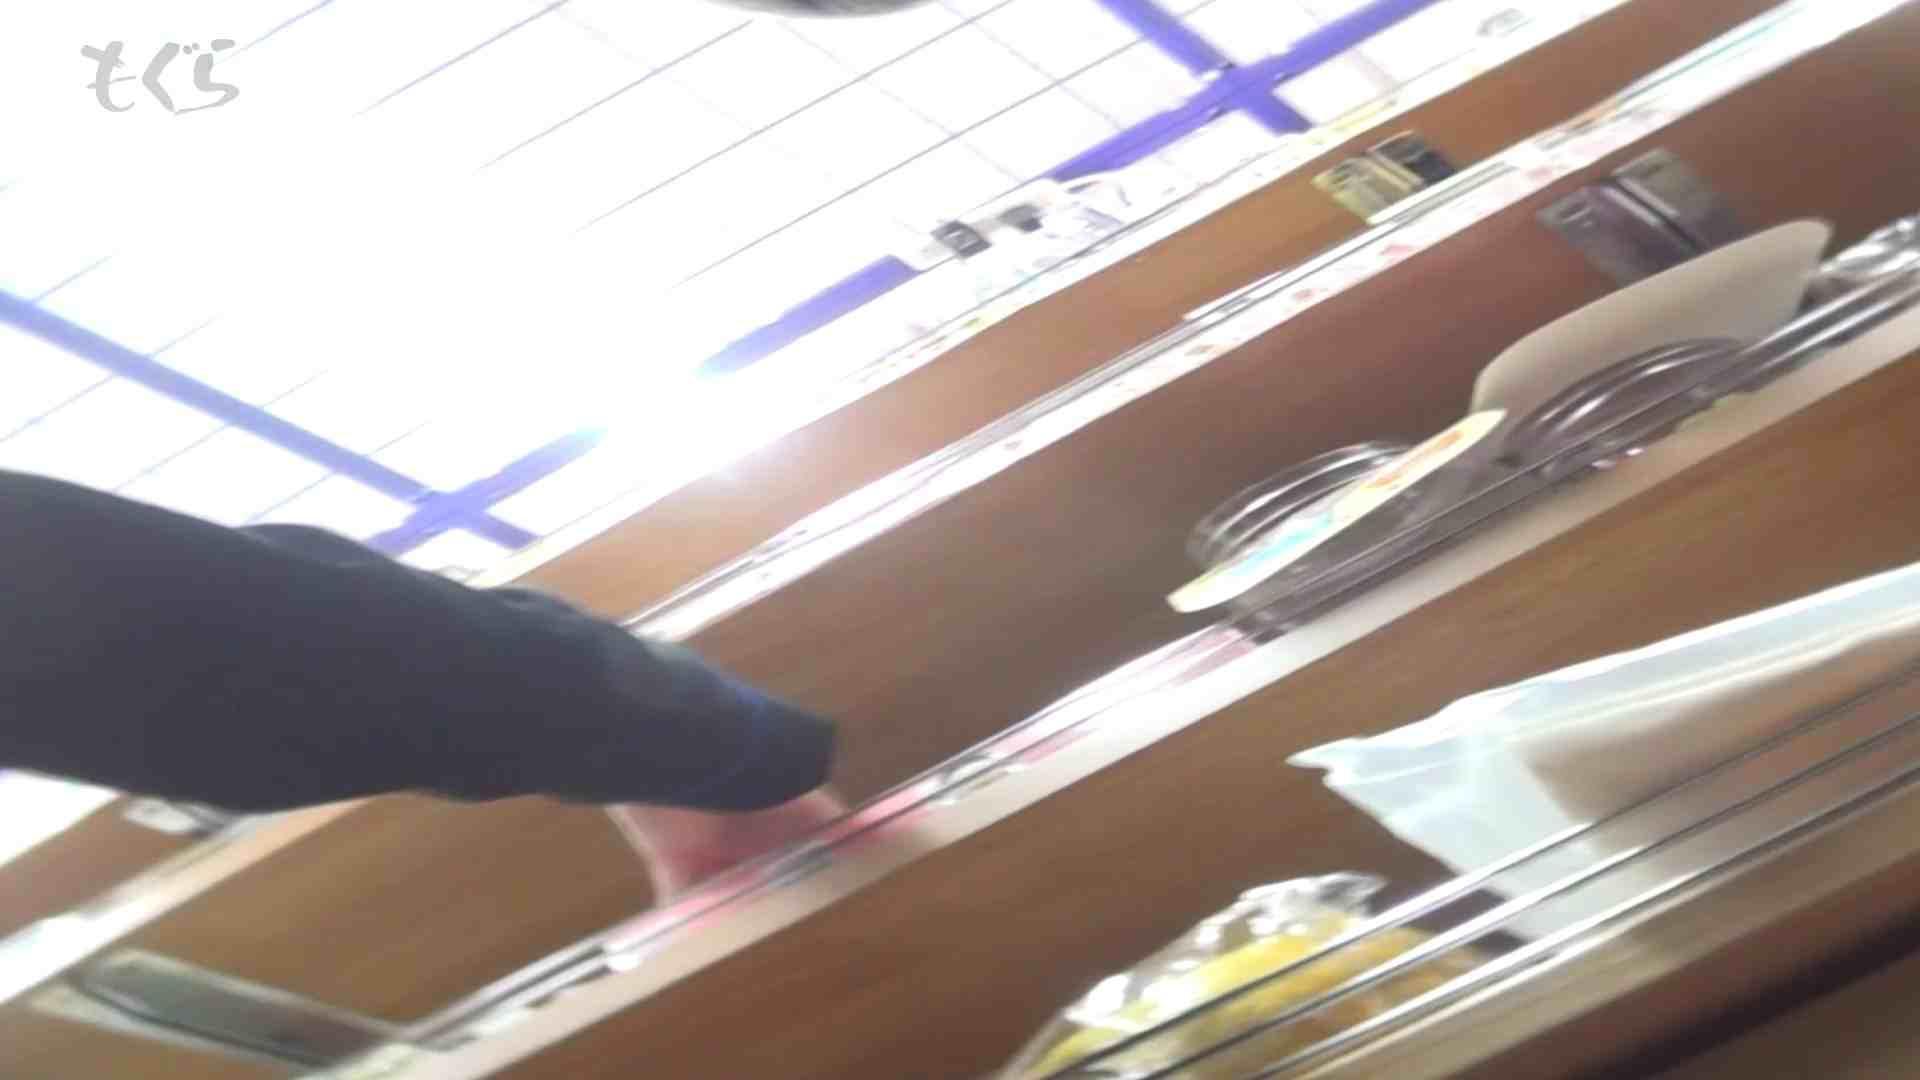 ハメ撮り|隣から【期間限定品】No.09 黒のニーハイ!!|怪盗ジョーカー